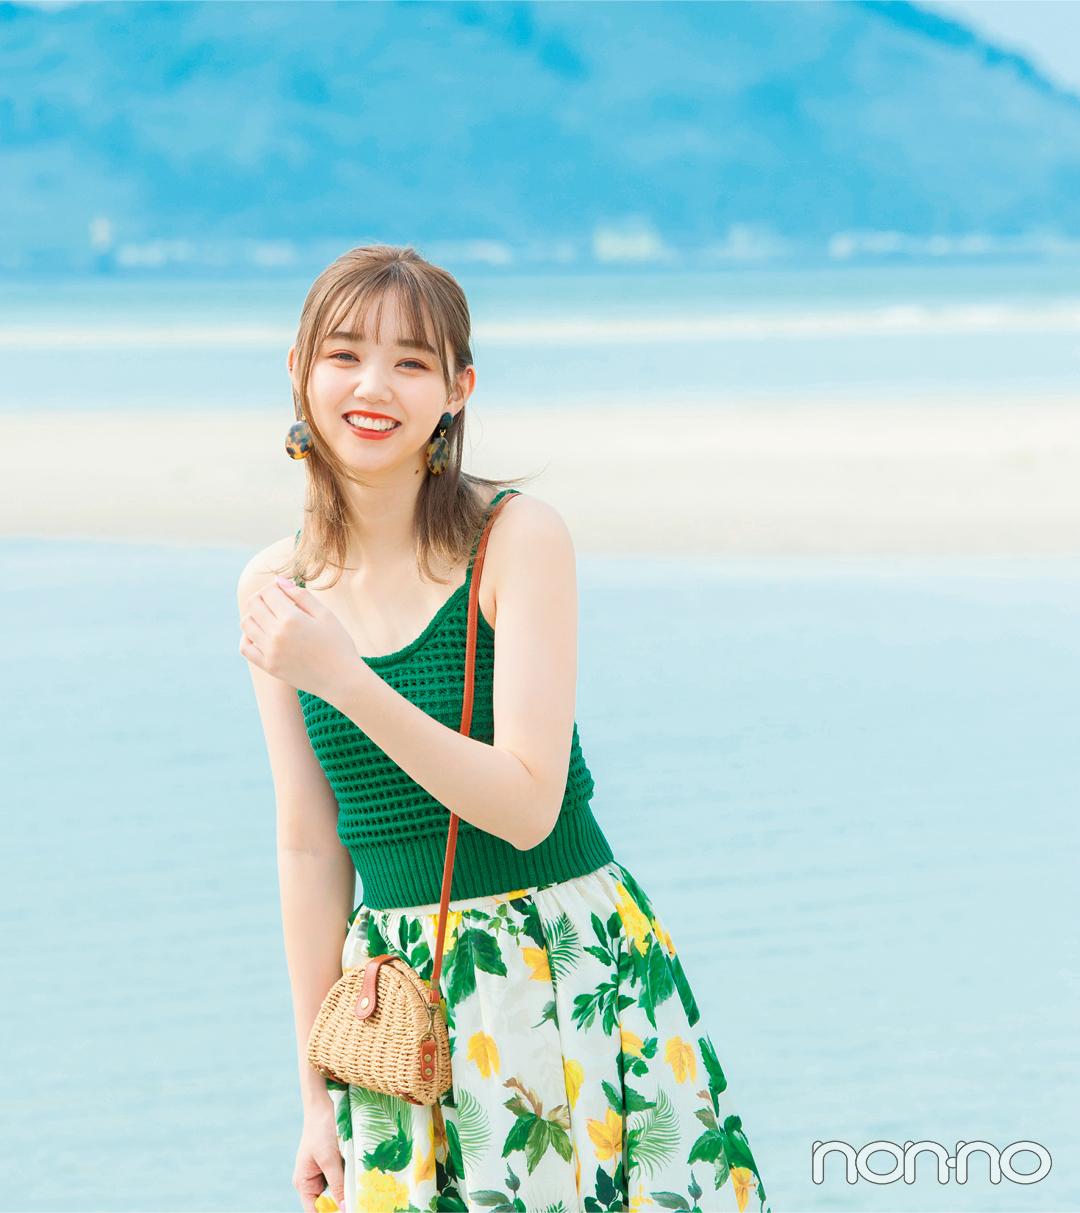 【チェジュ島旅行①】大自然の観光スポット4選★江野沢愛美がナビ!_1_2